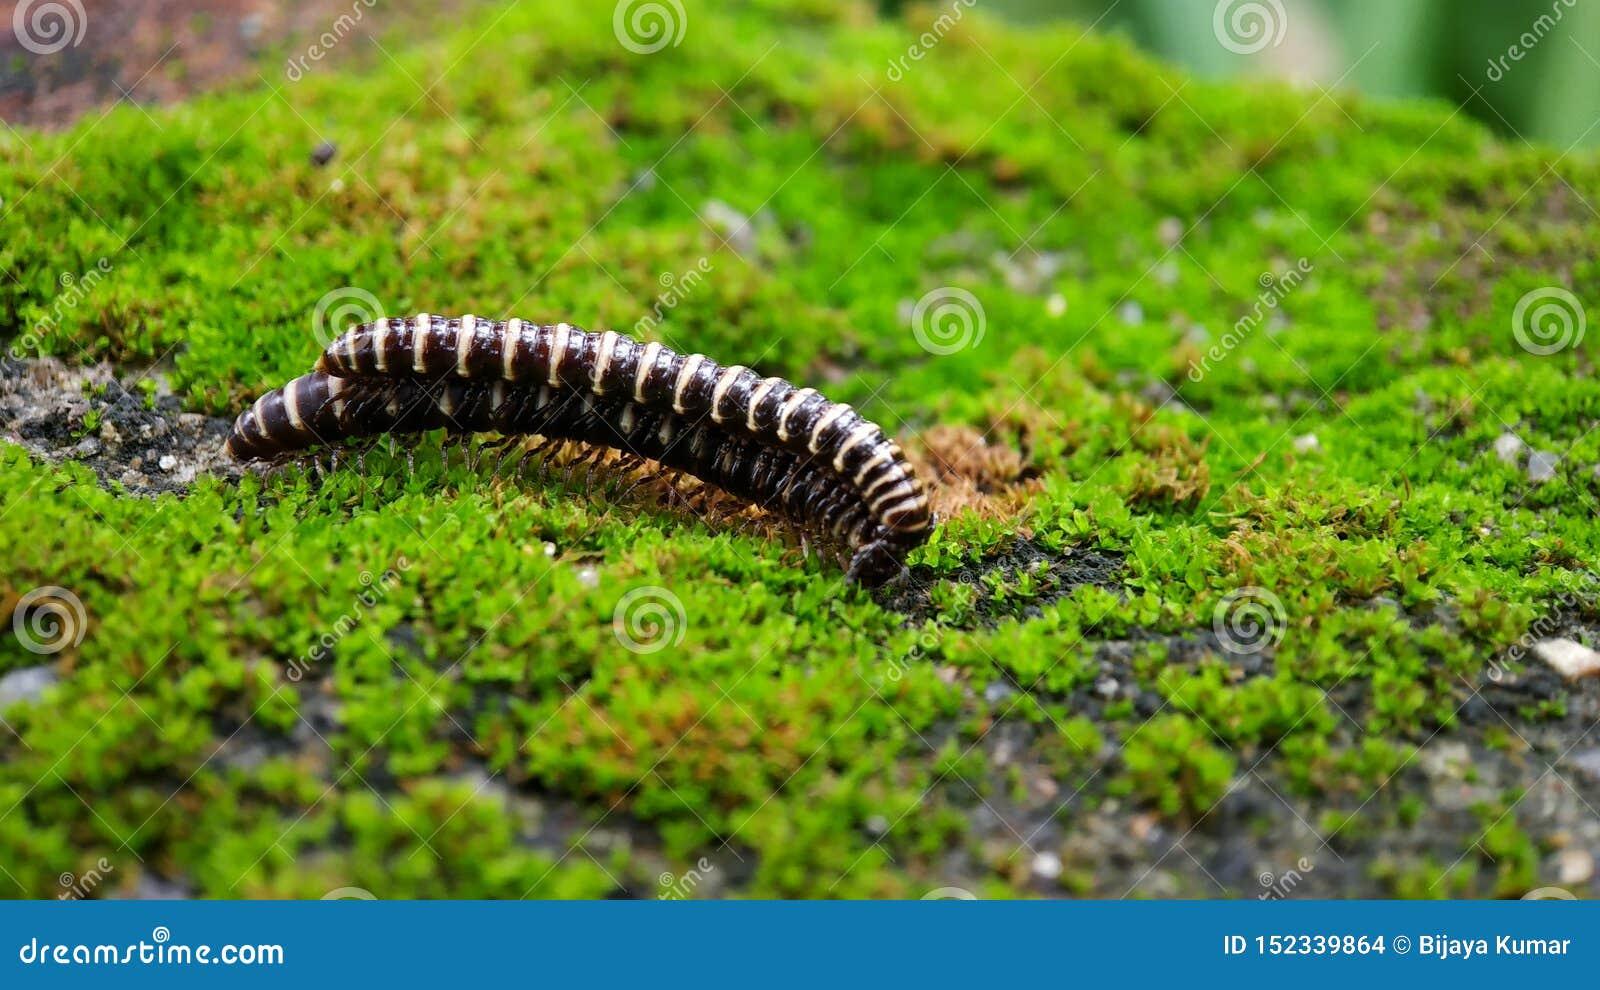 男性和女性2 -温室千足虫- Oxidus薄肌联接互相-有在墙壁上的绿藻类背景